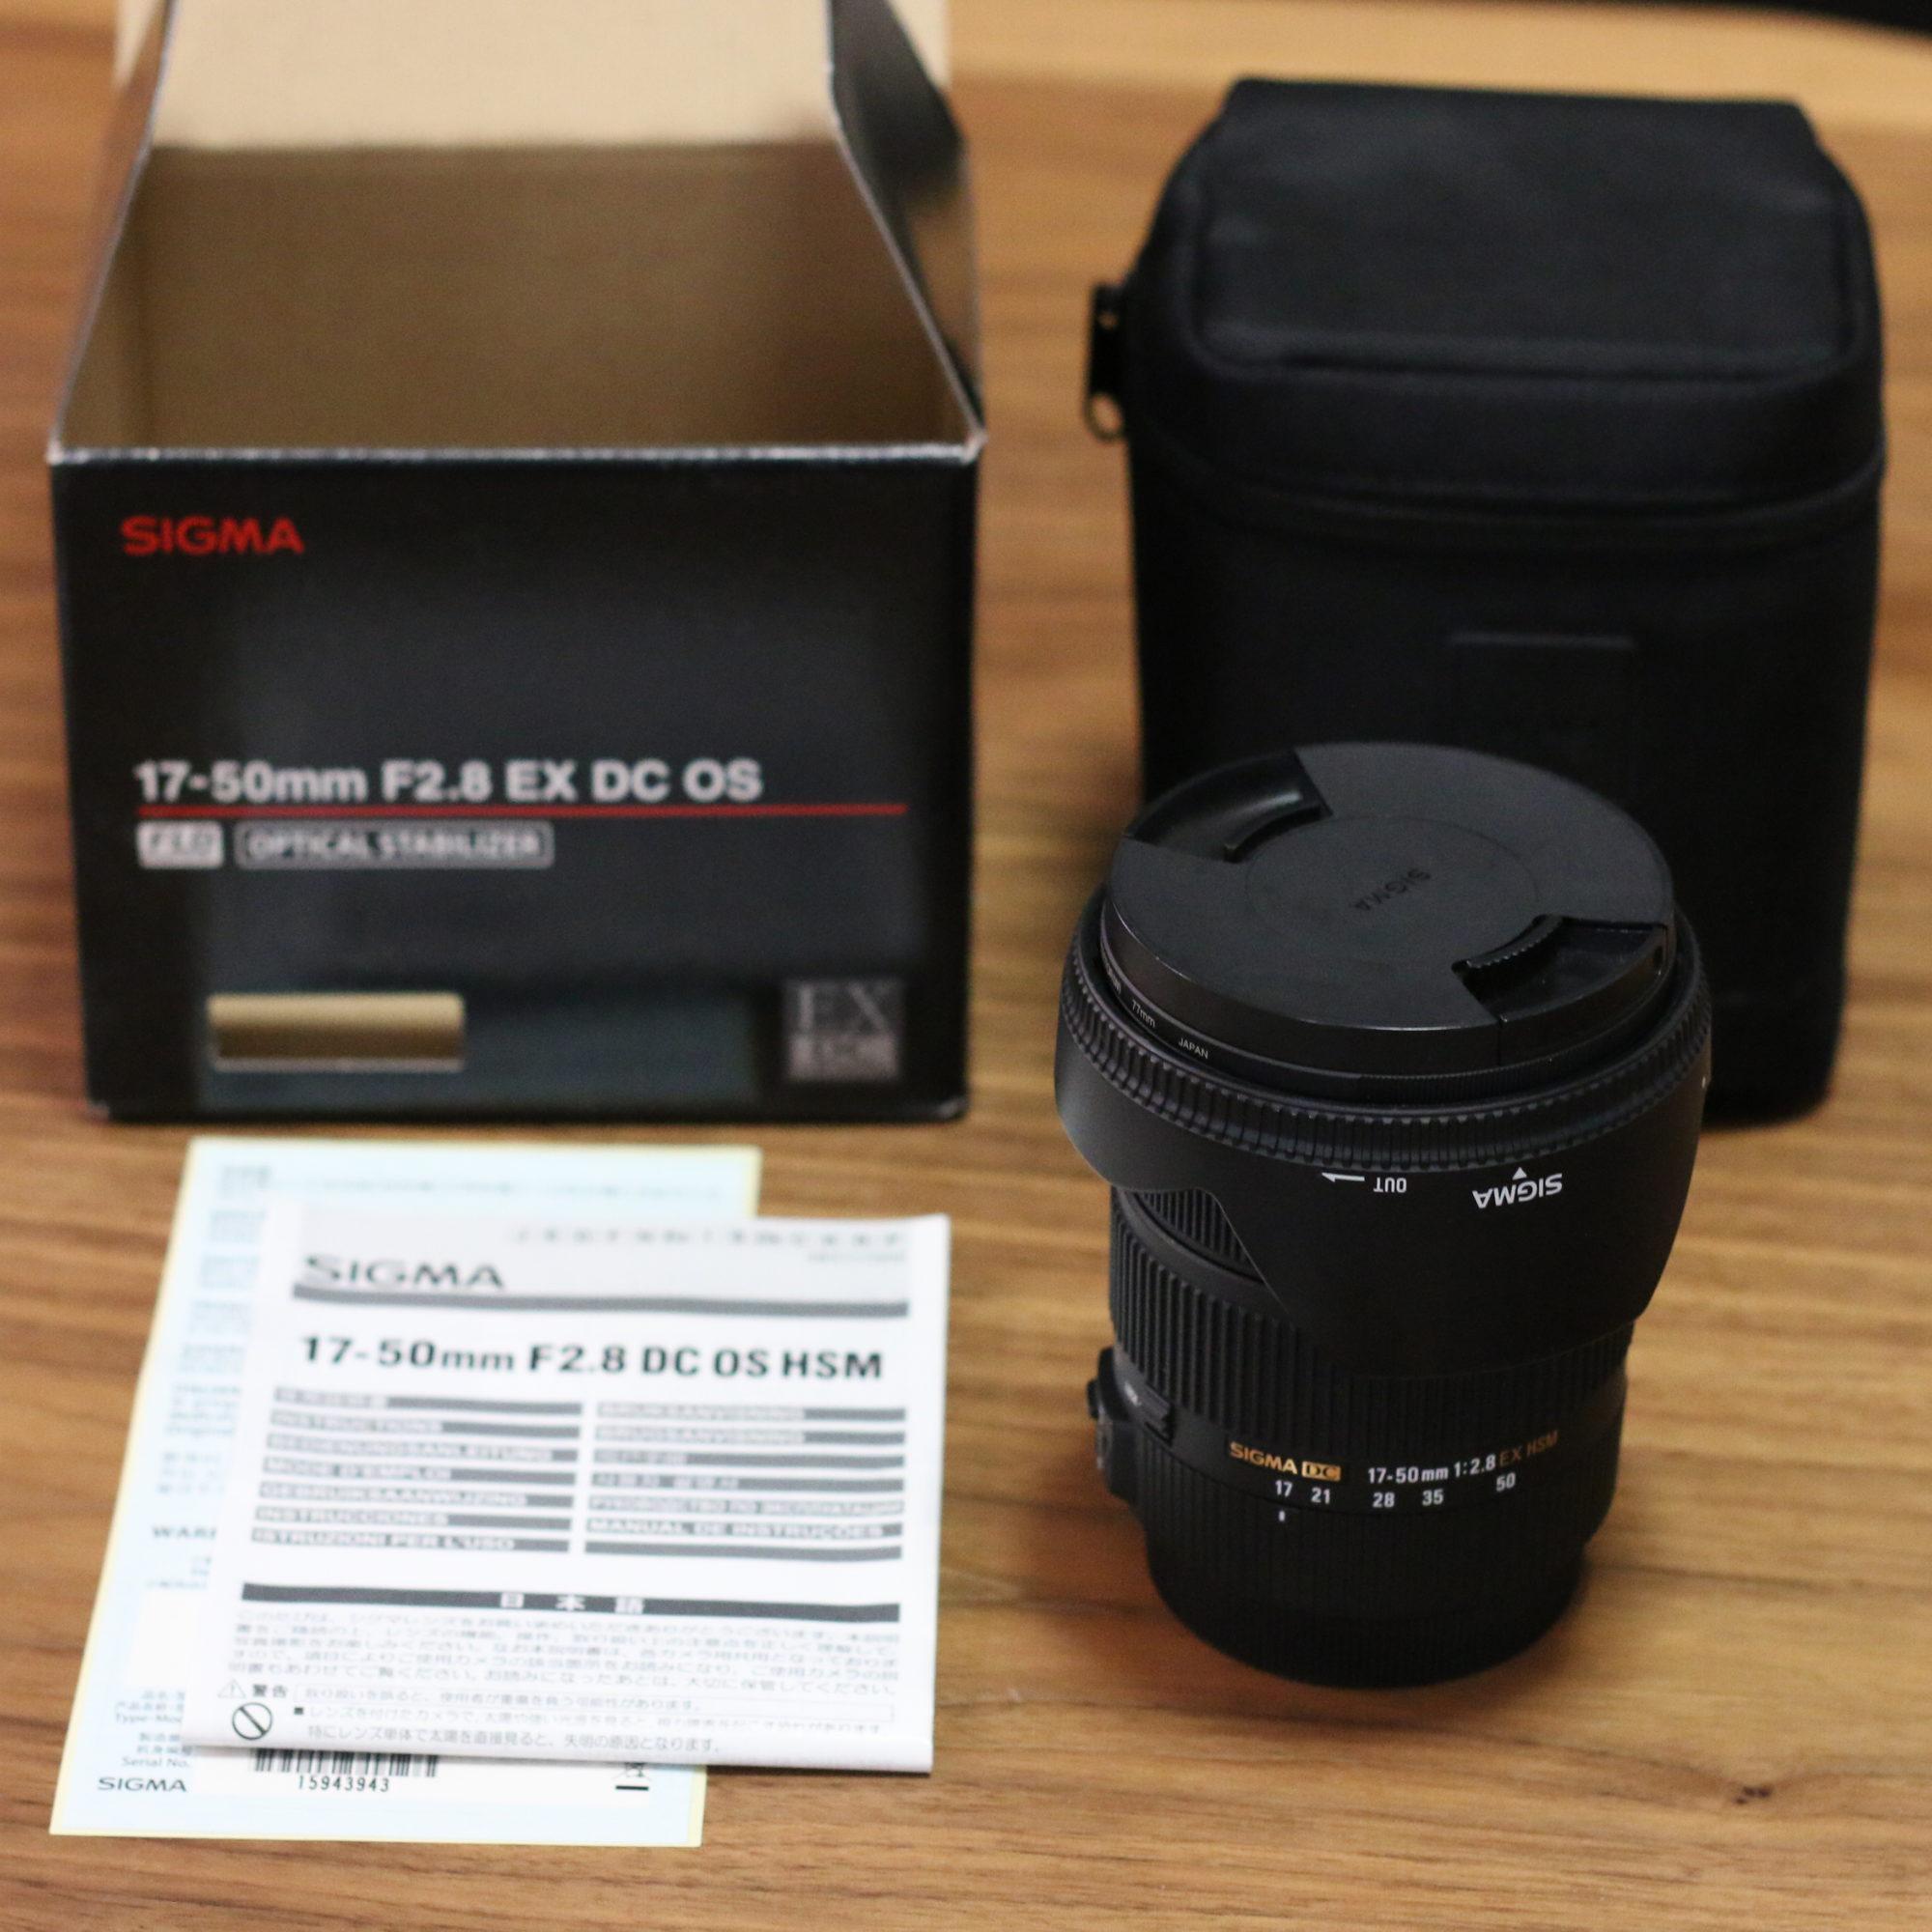 canon用 SIGMAのカメラレンズ(中古)が届いた〜!〜メルカリでモノを手放して売ったお金で本当に欲しかったモノを購入〜